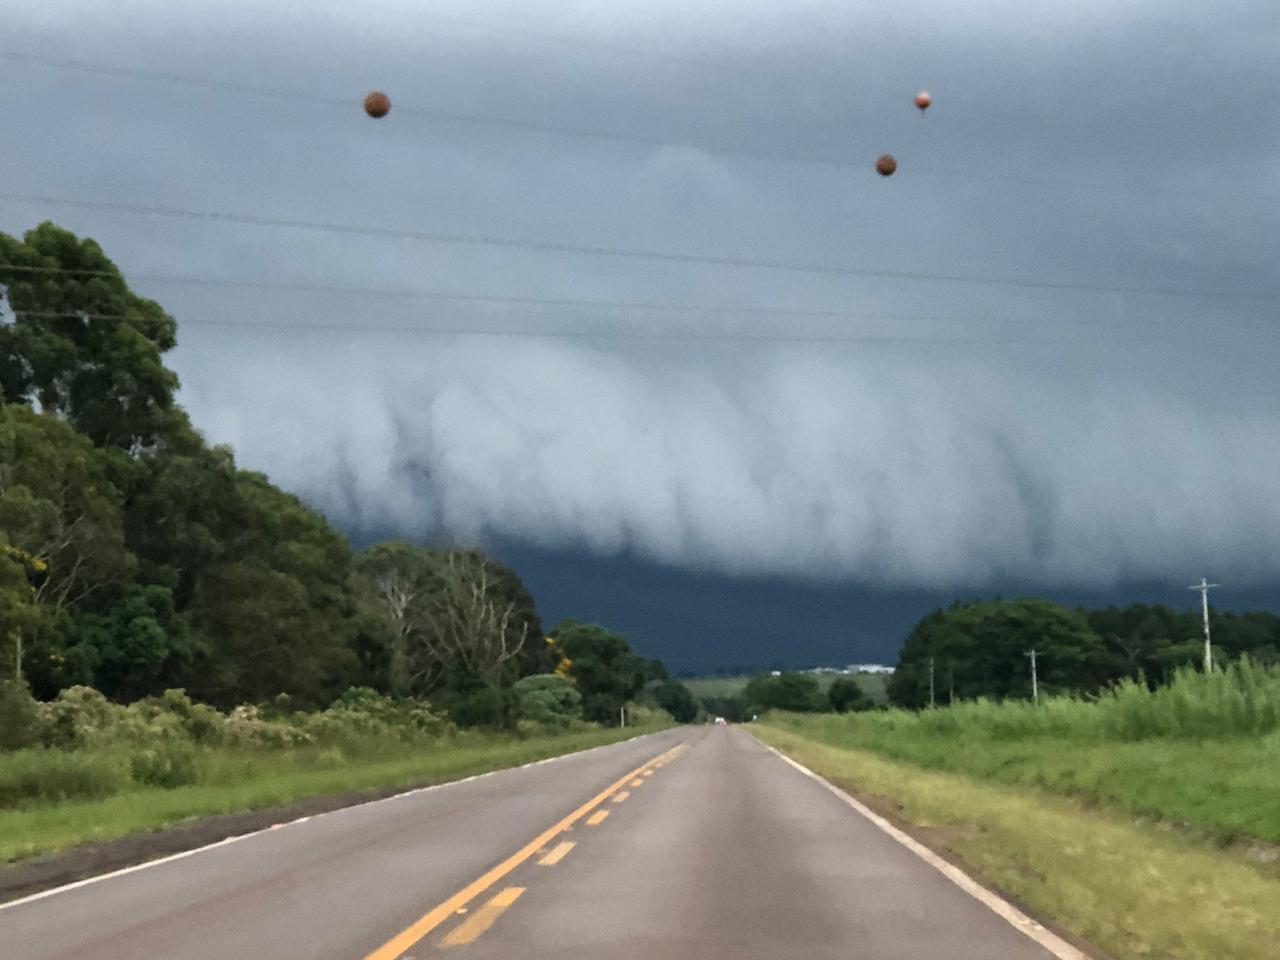 Tempestade próxima de Passo Fundo/RS, foto do Engenheiro Agrônomo Carlos R. Dellavalle Filho.